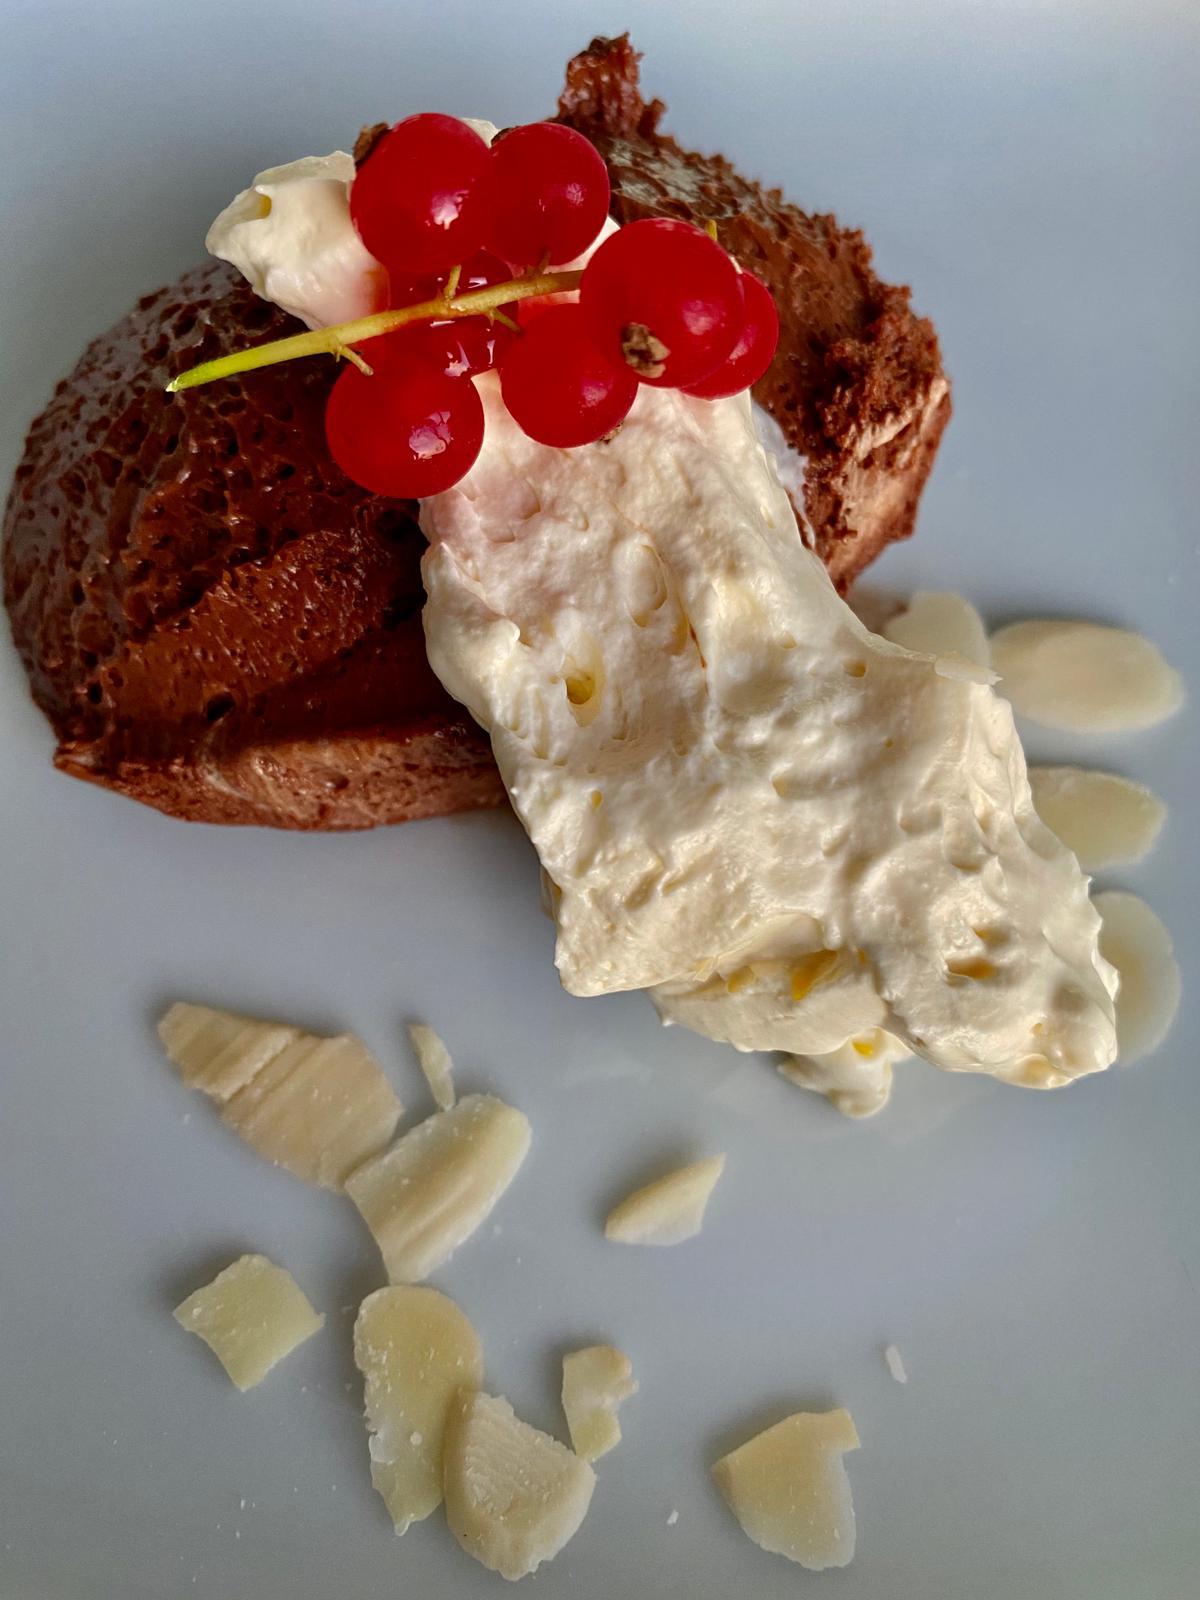 Mousse de chocolate com natas batidas, amêndoa e groselhas